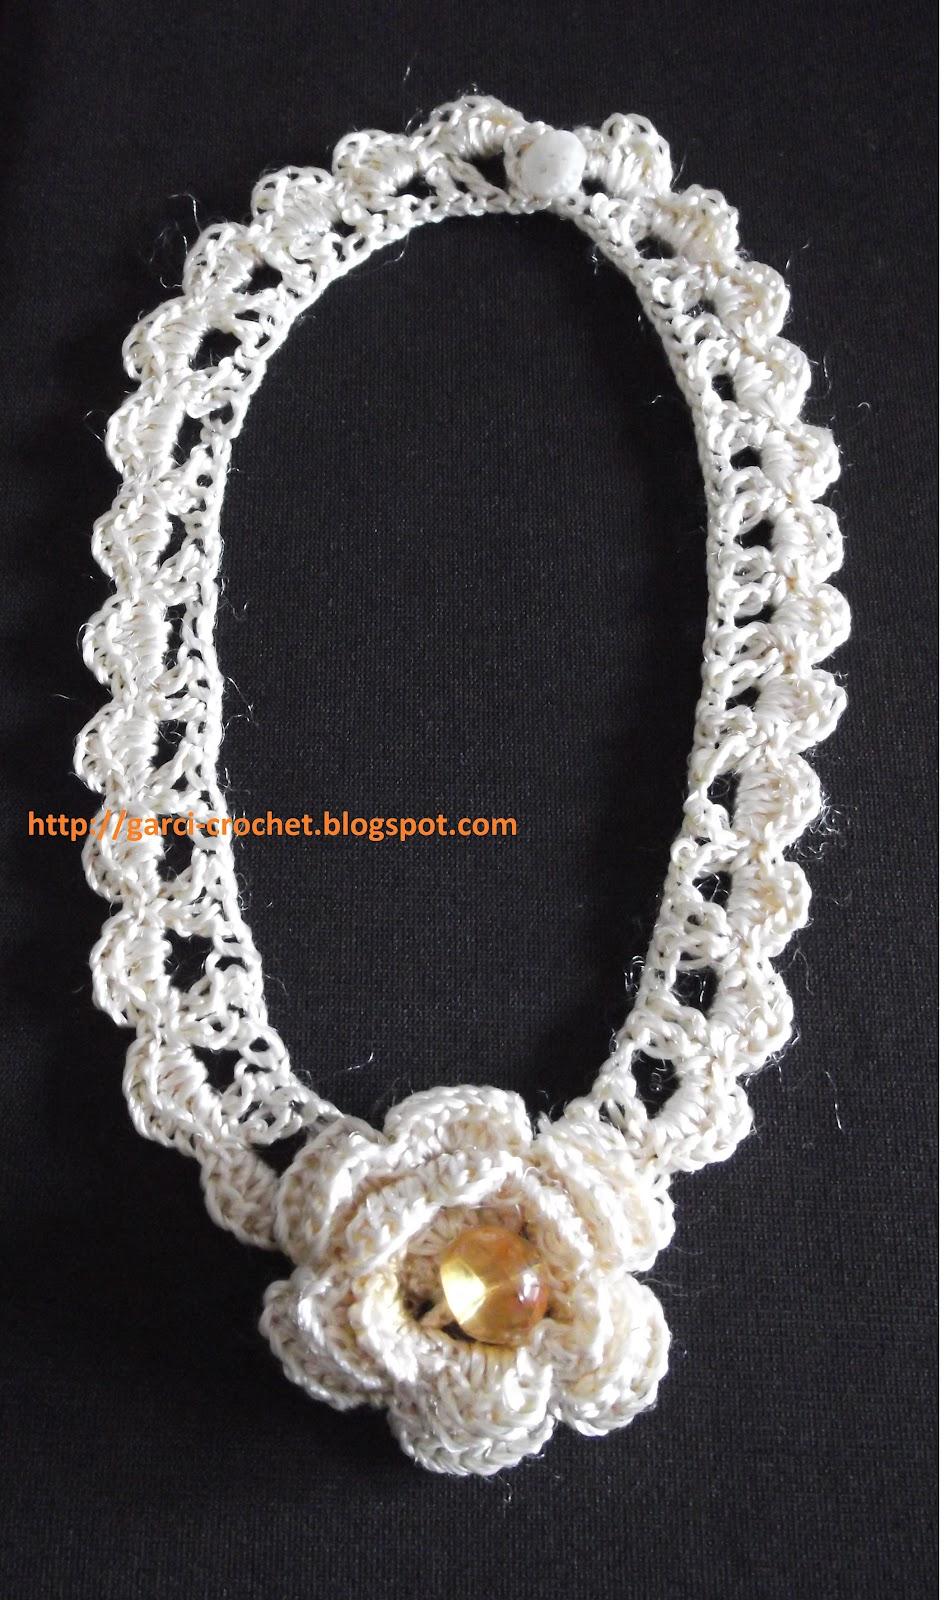 garci crochet bijoux tour de cou au crochet. Black Bedroom Furniture Sets. Home Design Ideas